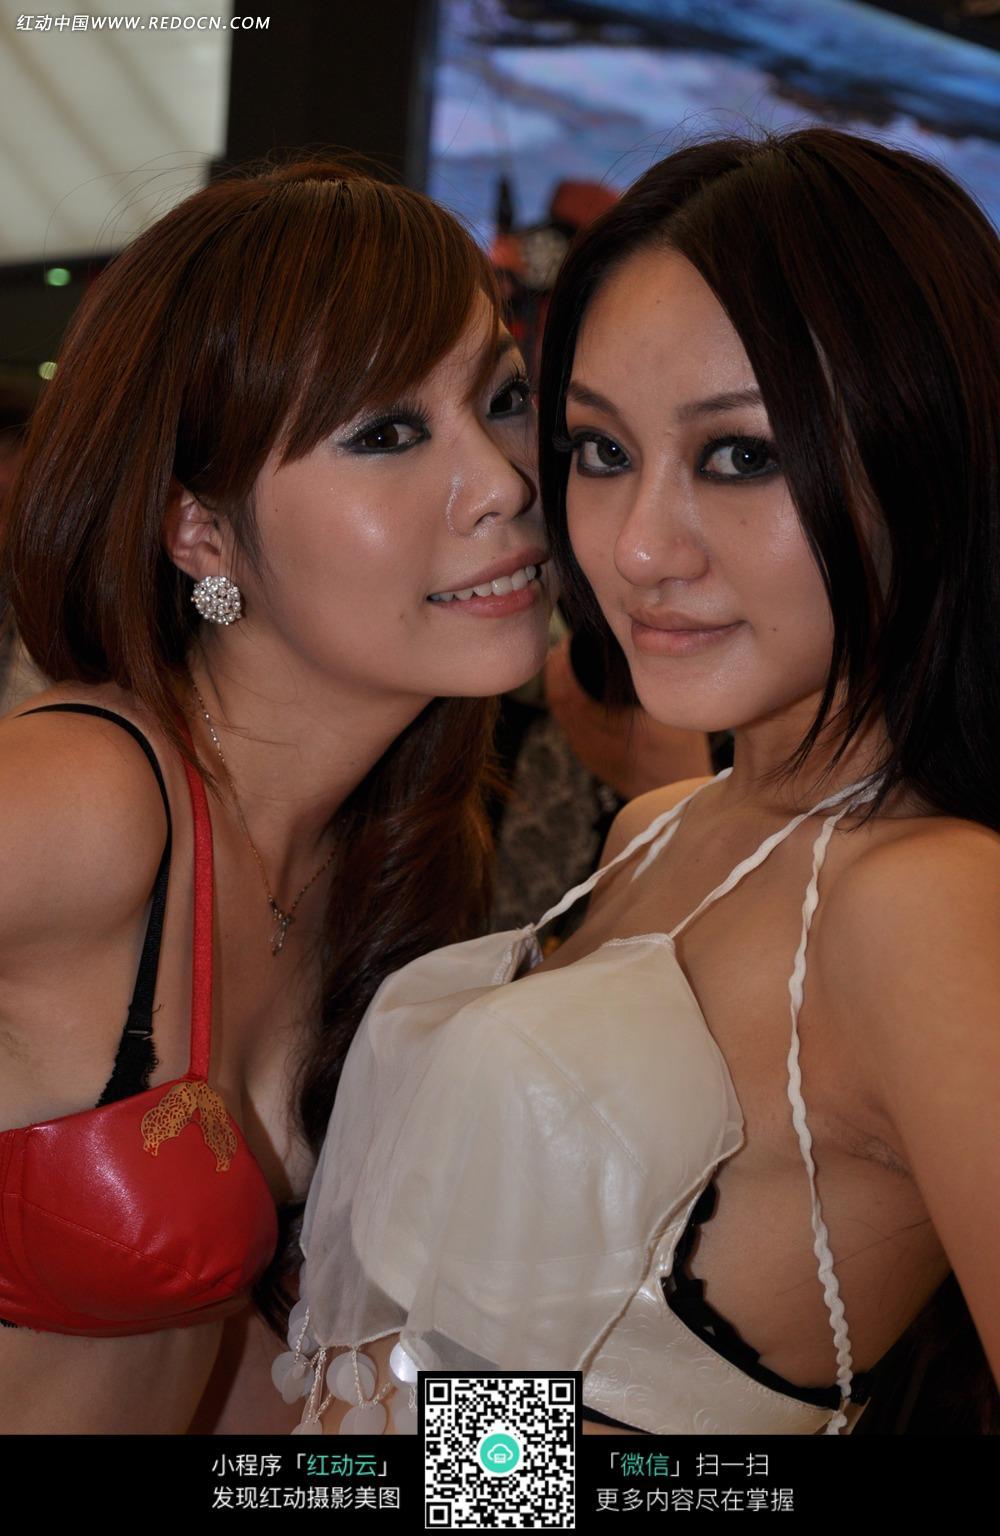 两个showgirl美女图片